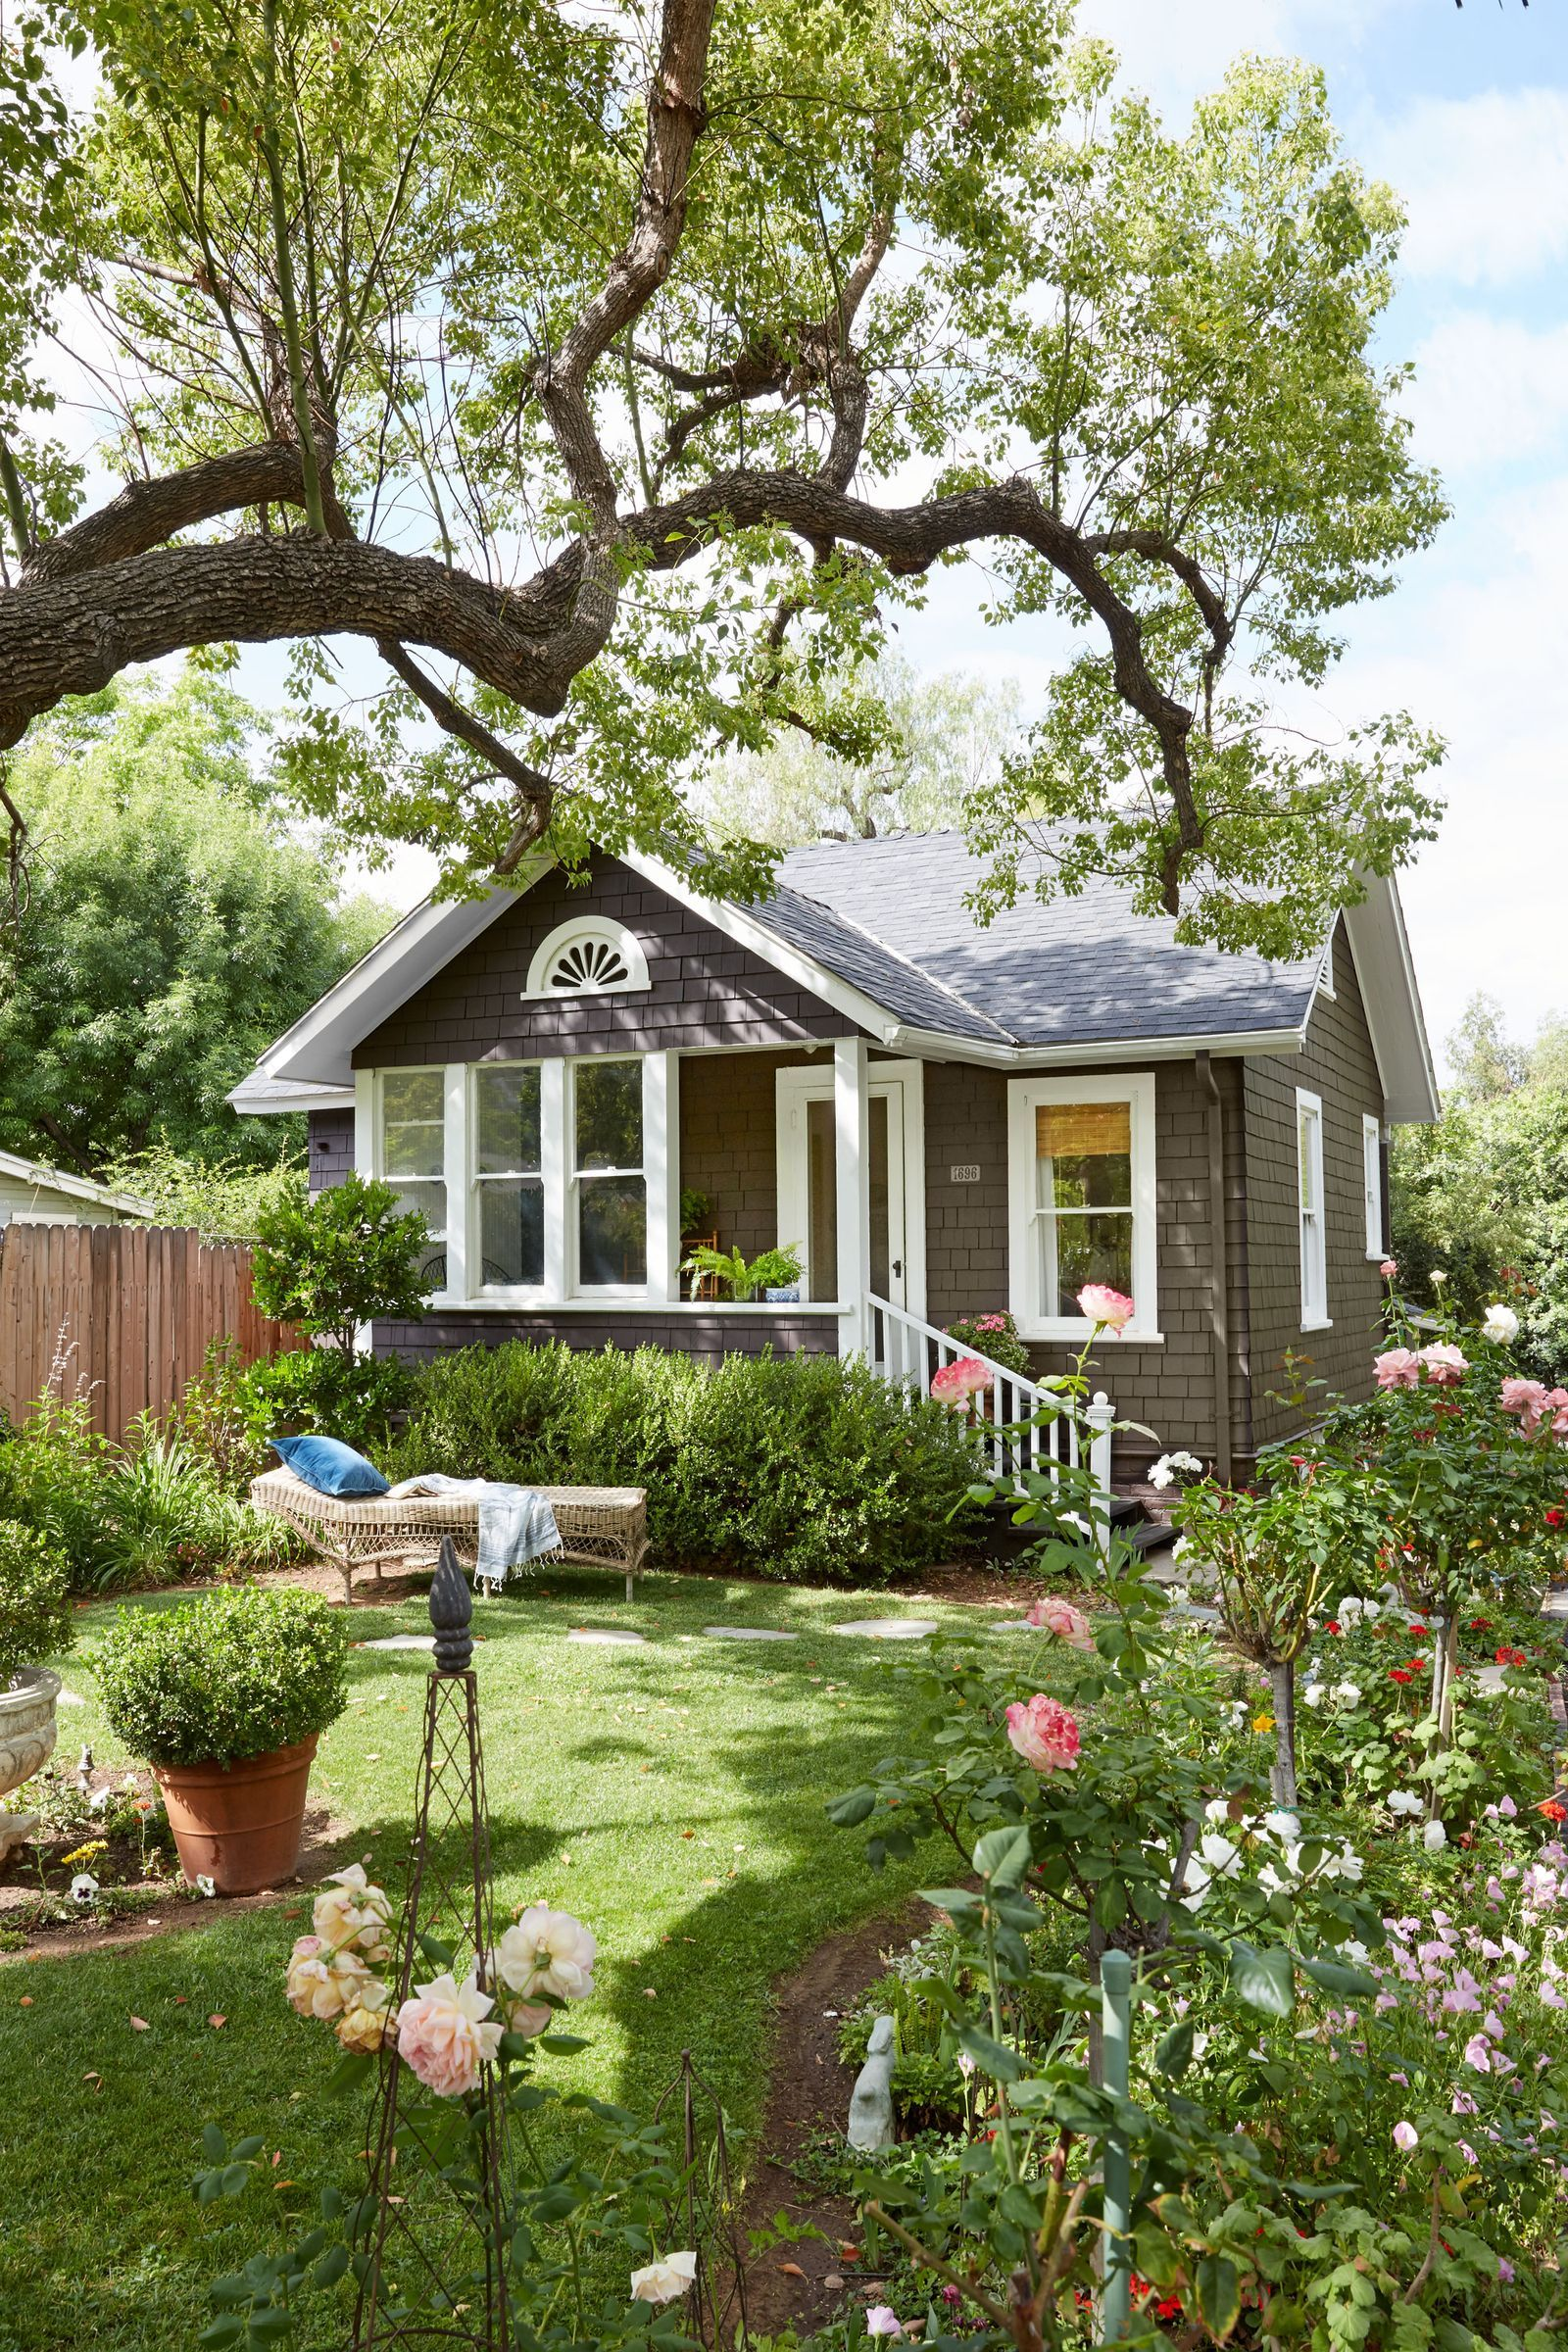 20 Exterior Paint Colors Ideas House Exterior Exterior Paint Colors House Colors